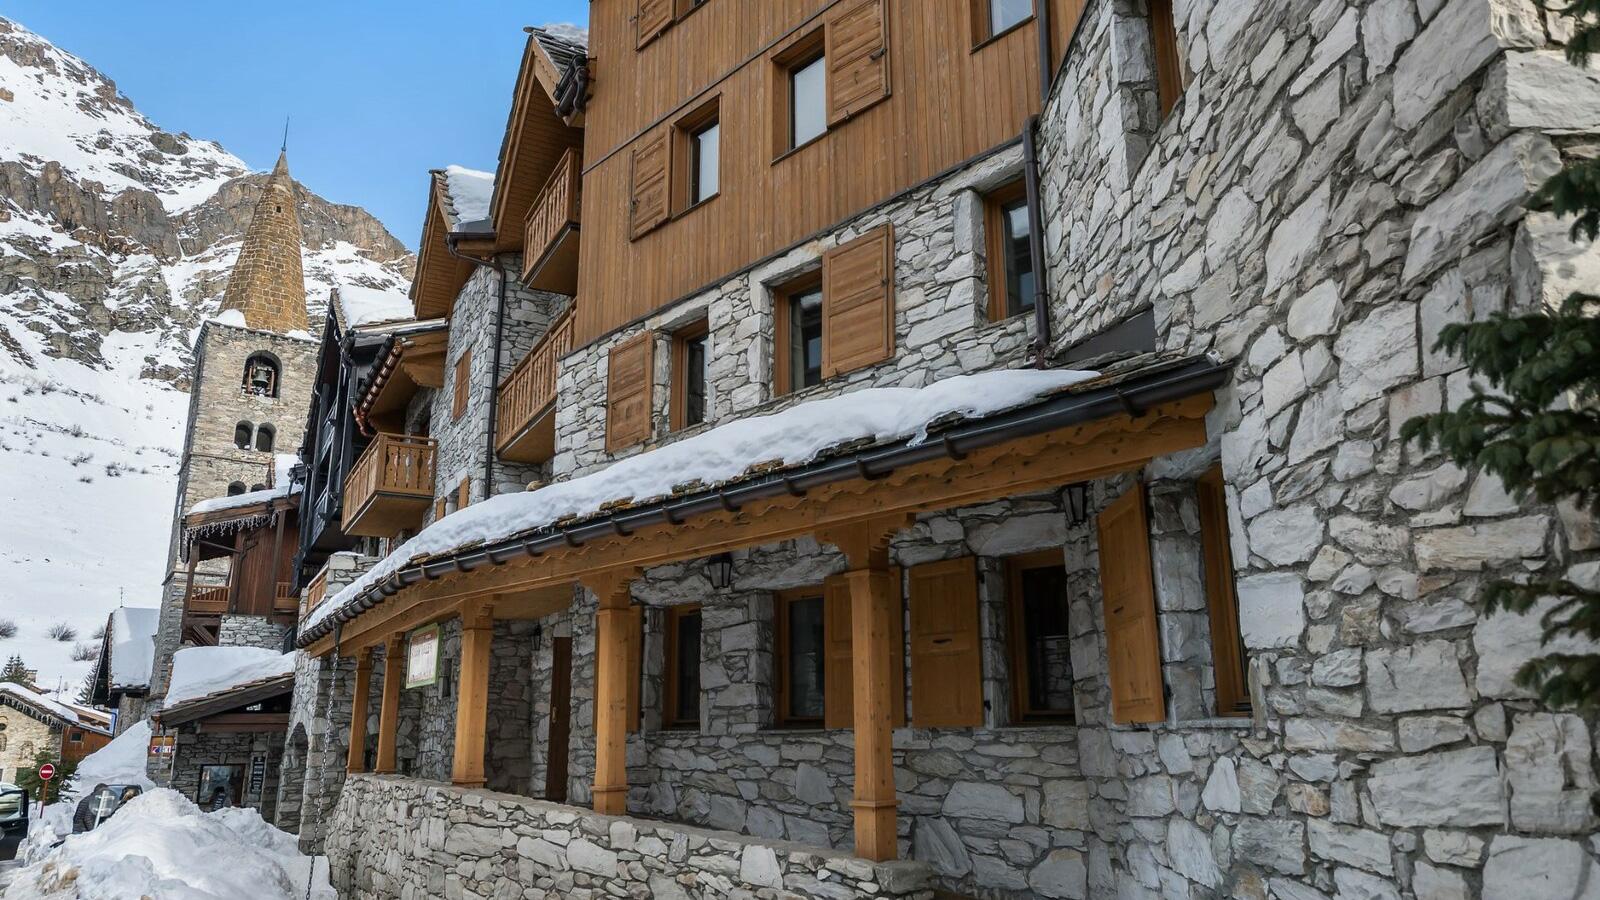 Le Vieux Village Apartments, France